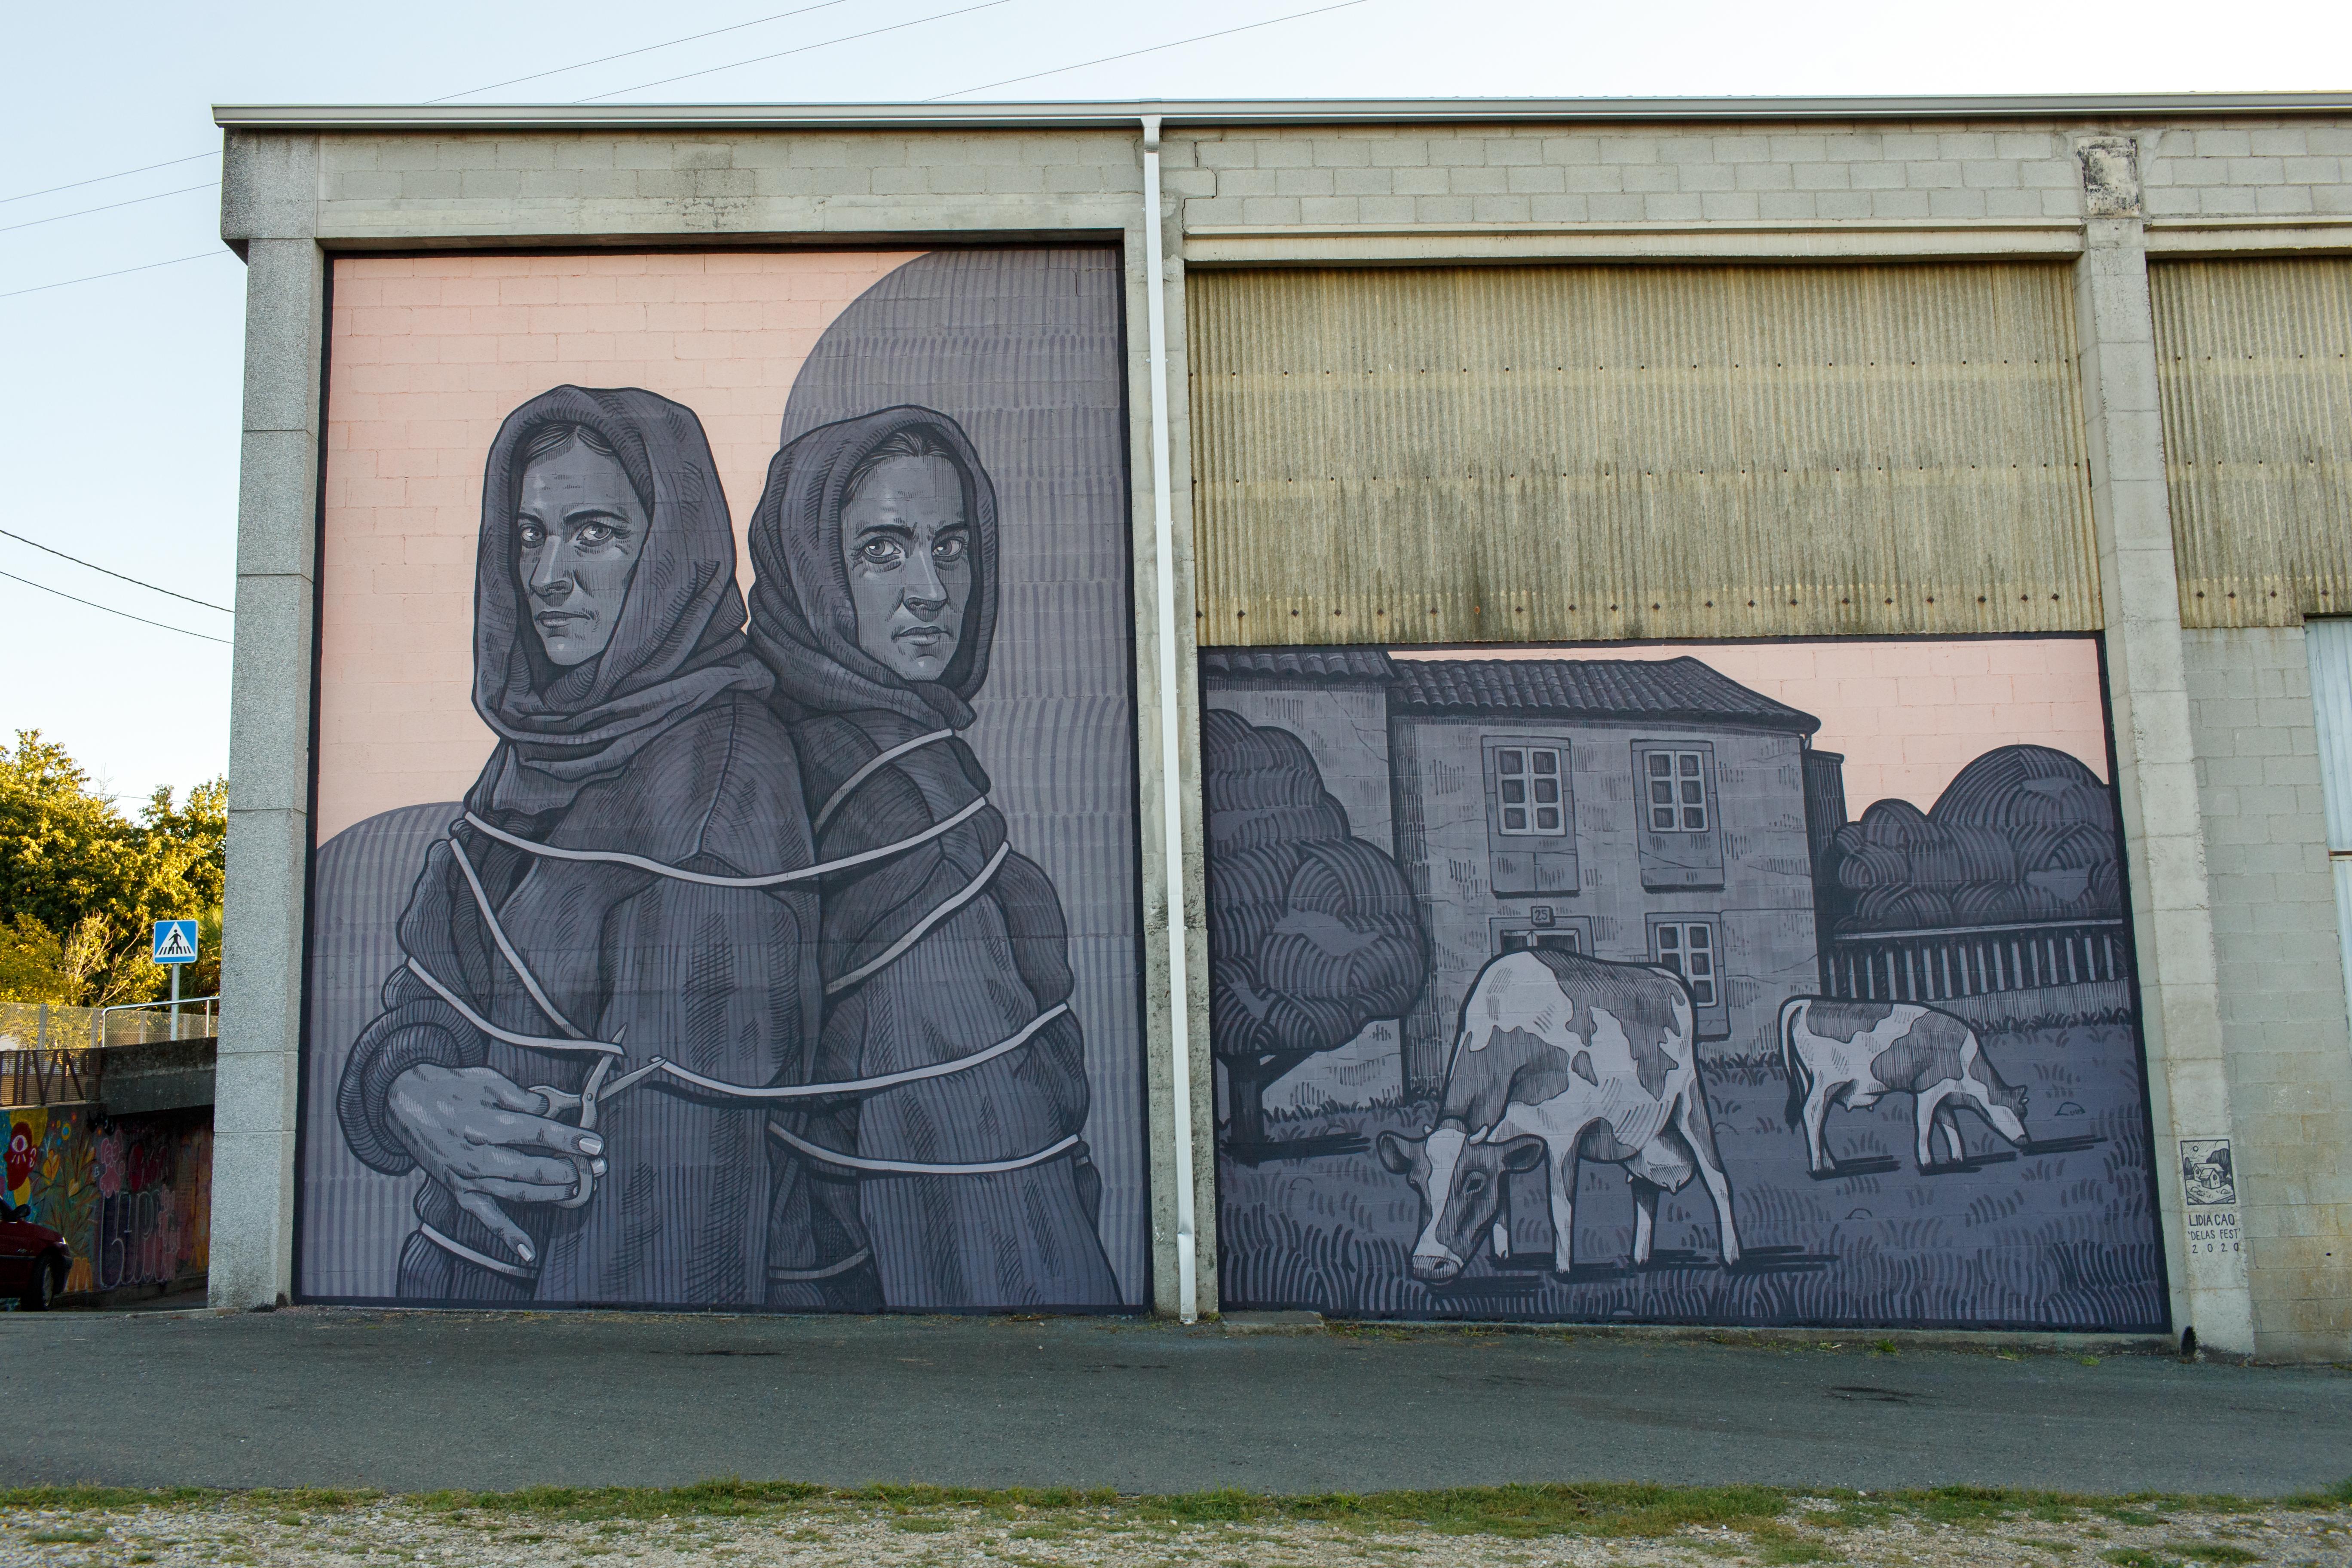 Aspecto do mural de Lidia Cao, rematado, no pavillón deportivo de Calo (Teo) para o Delas Fest 2020